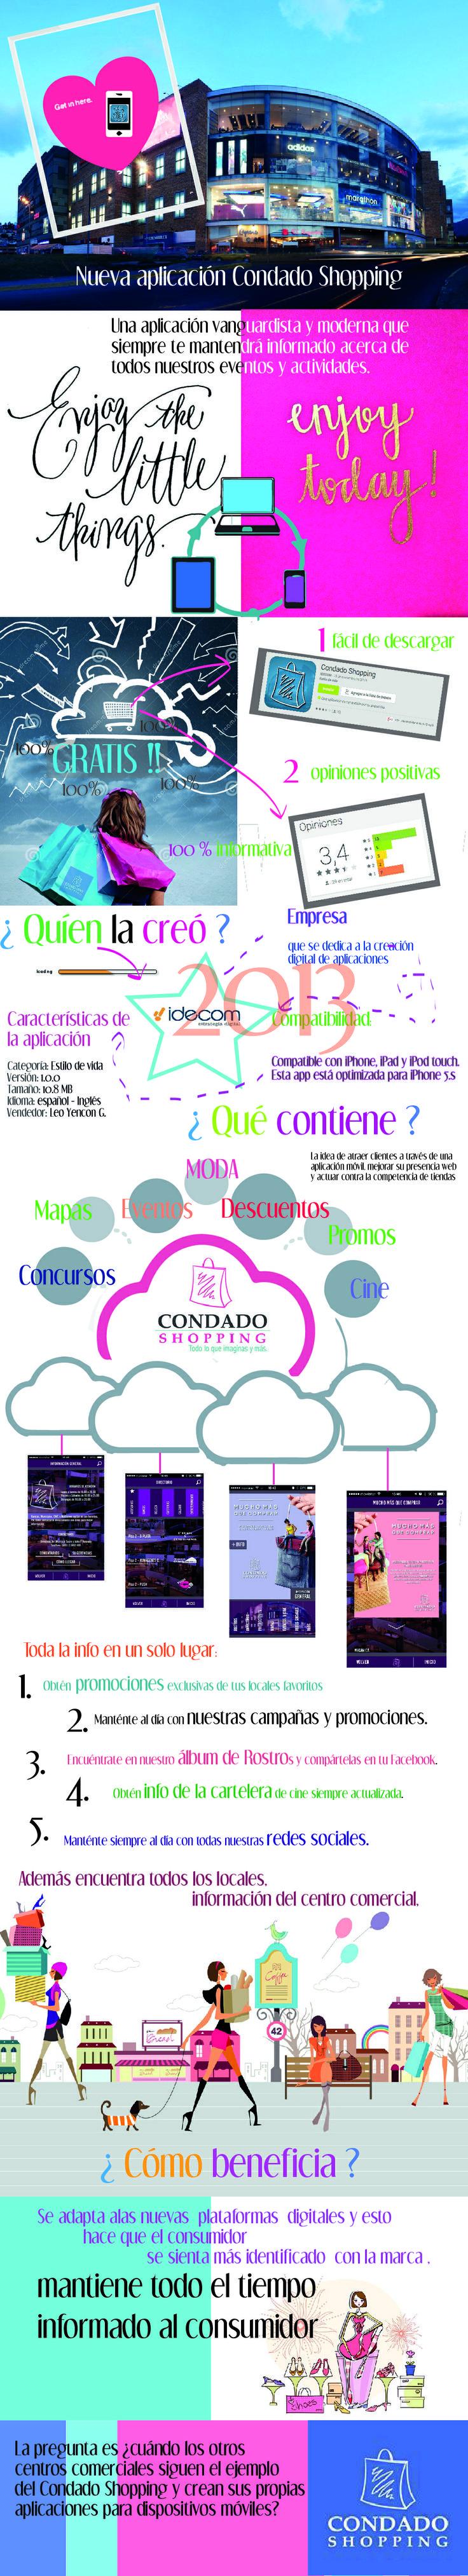 Analisis de APP Condado Shopping. By Cristina Freire